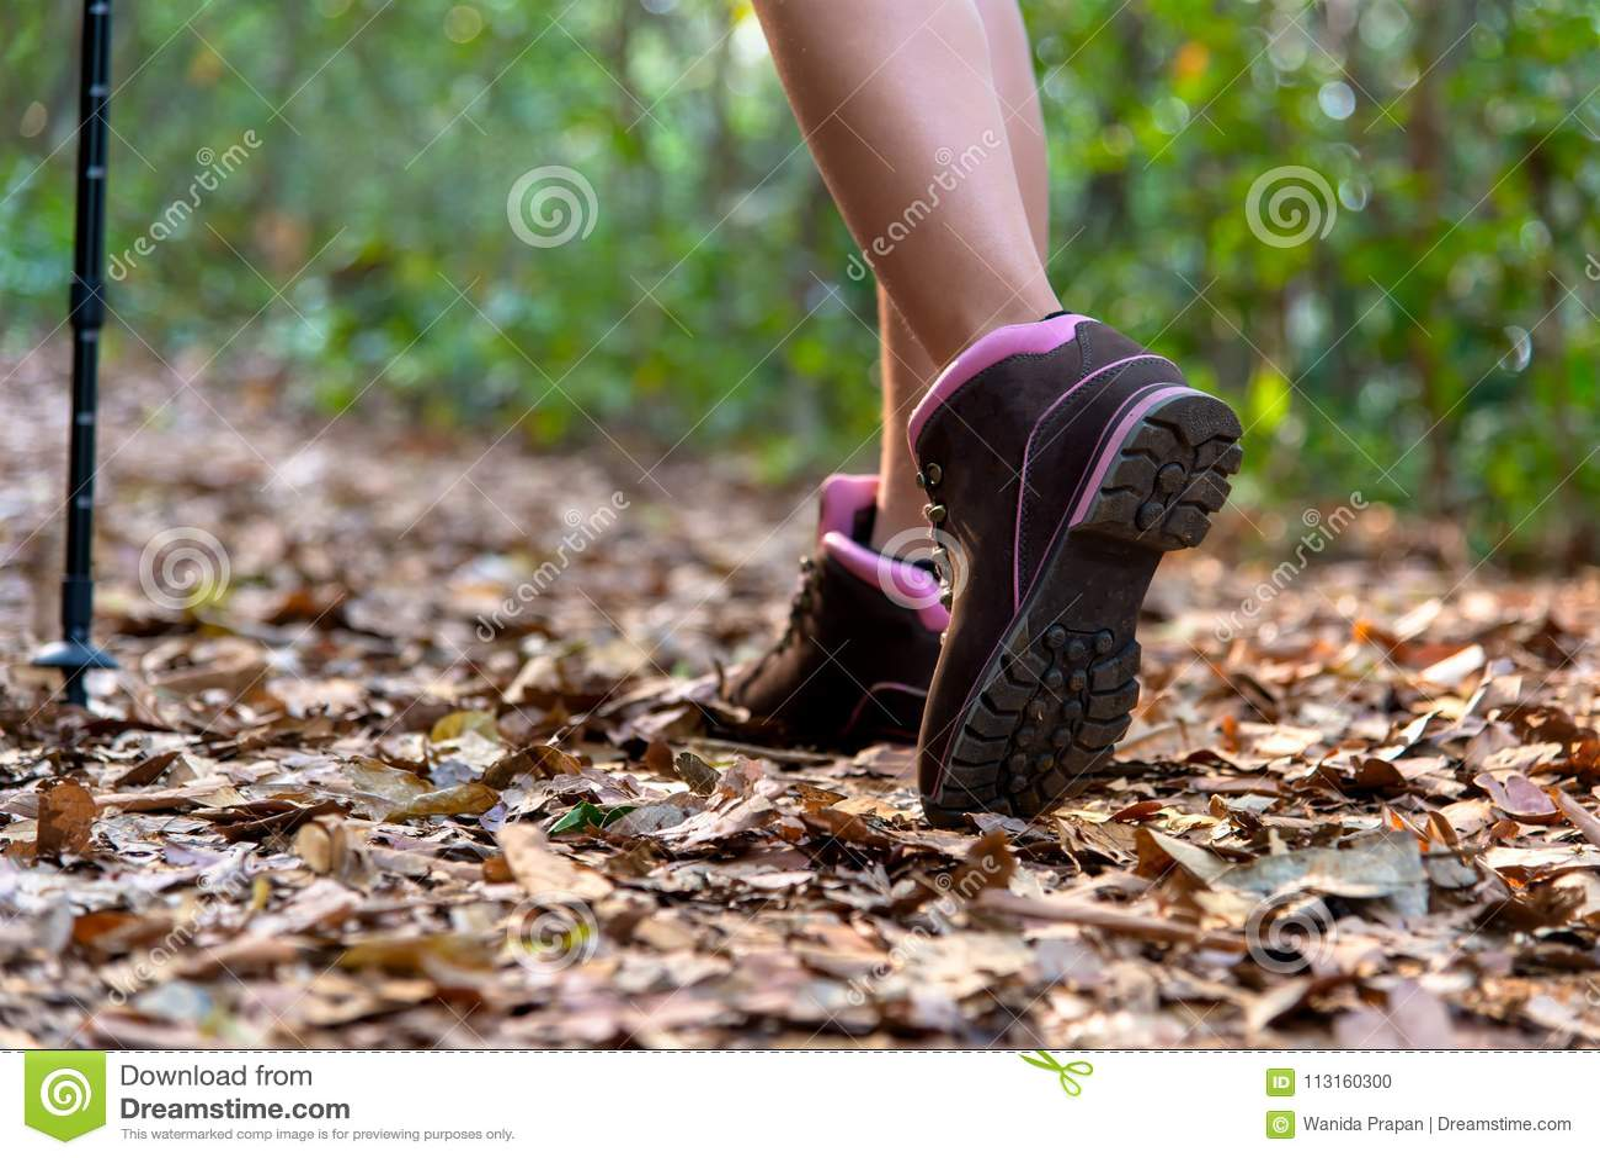 Nahaufnahme von weiblichen Wandererfüßen und Schuh, der auf Schneise geht